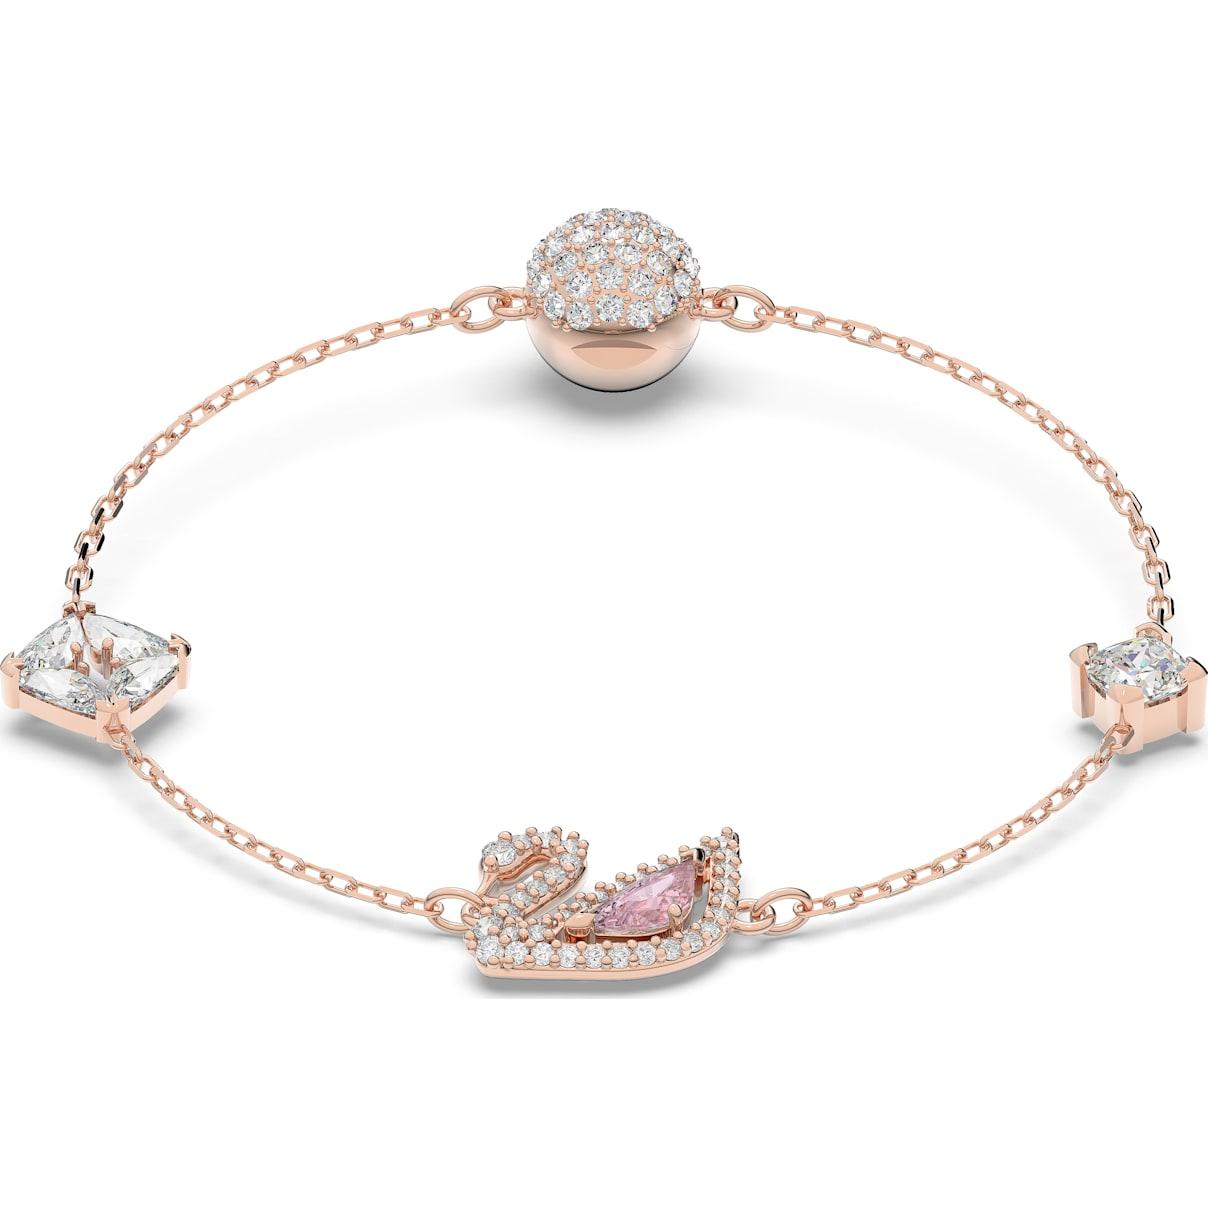 Swarovski Dazzling Swan Bracelet, Multi-colored, Rose-gold tone plated